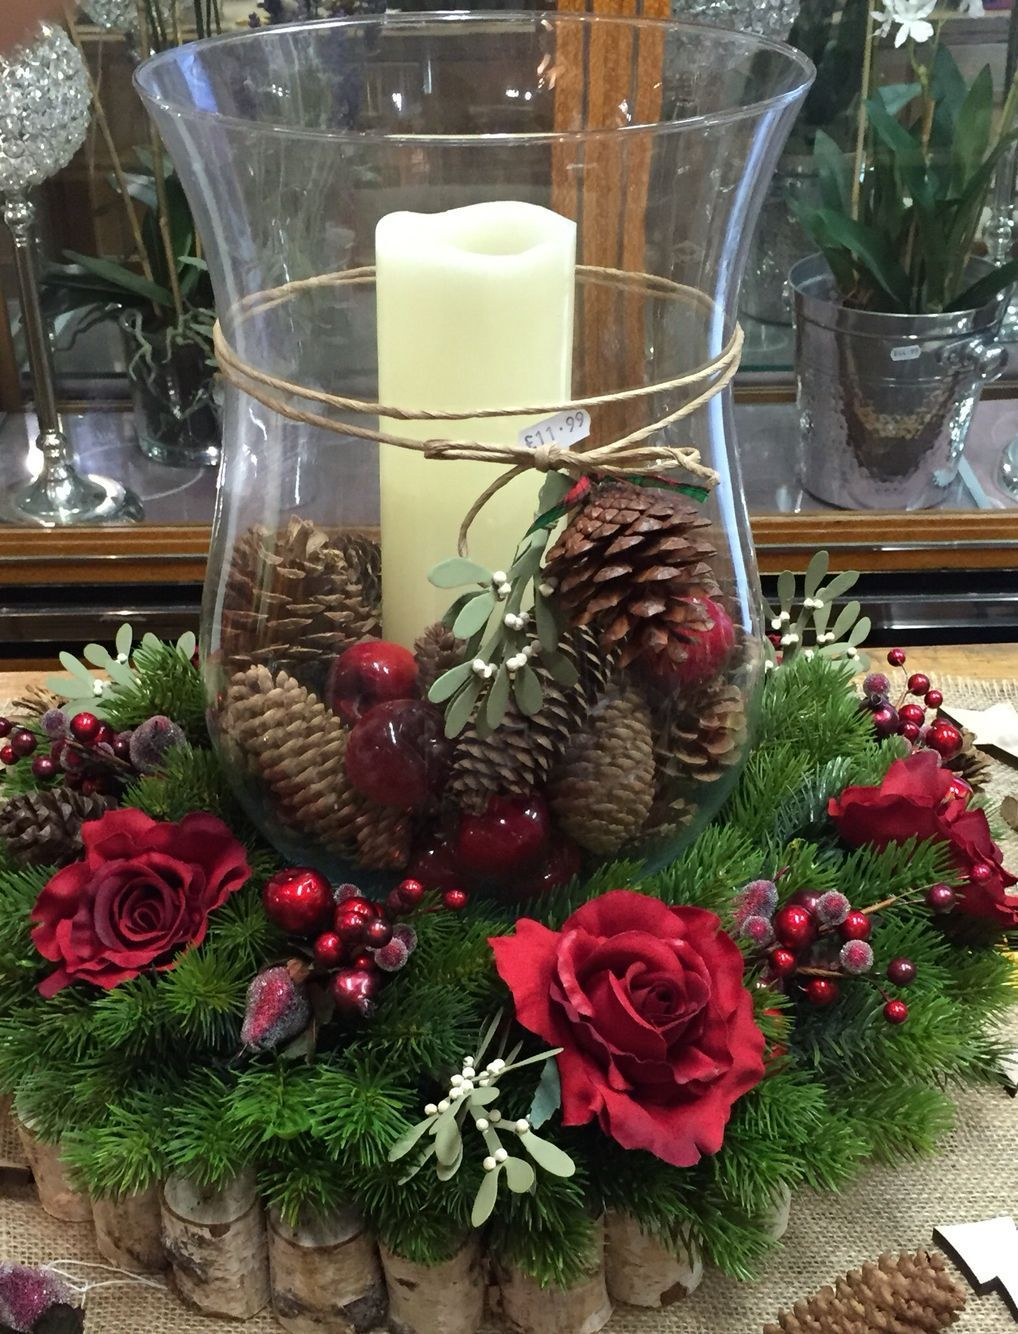 Arredare Tavola Natale pin di enza bitetta su natale nel 2020 | decorazioni di